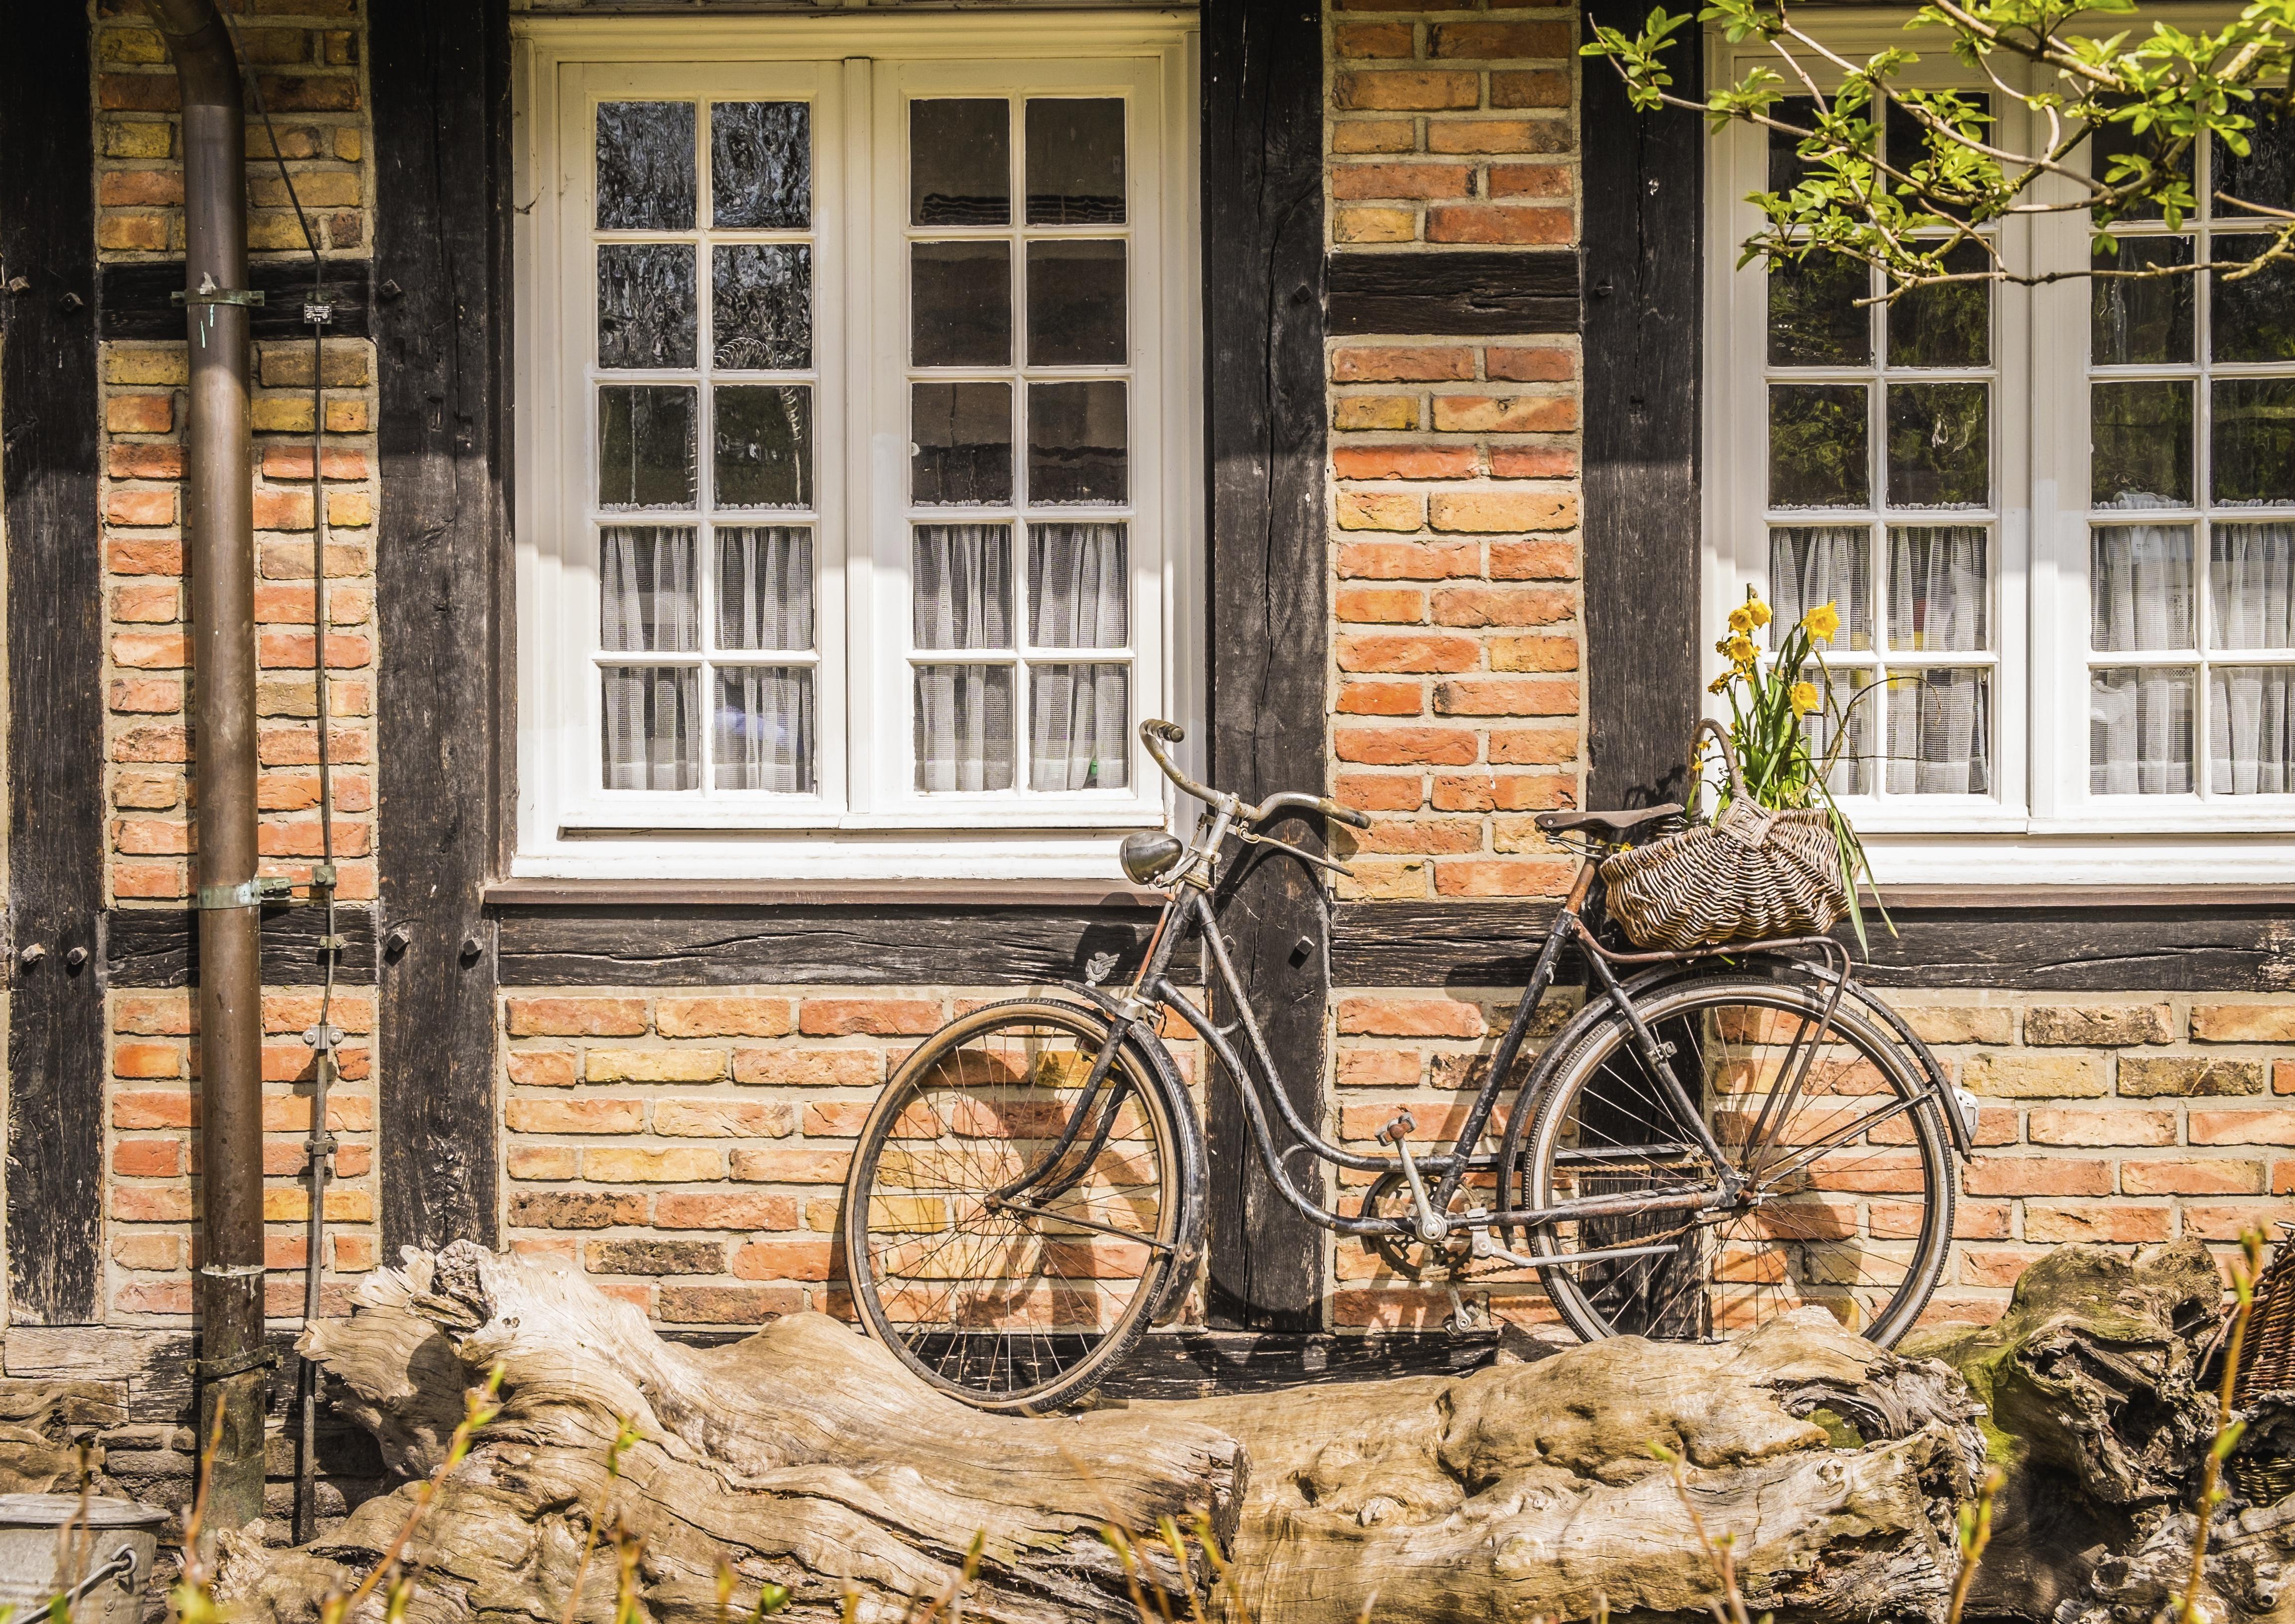 Fondos de pantalla : ventana, Flores, vehículo, pared, madera, casa ...